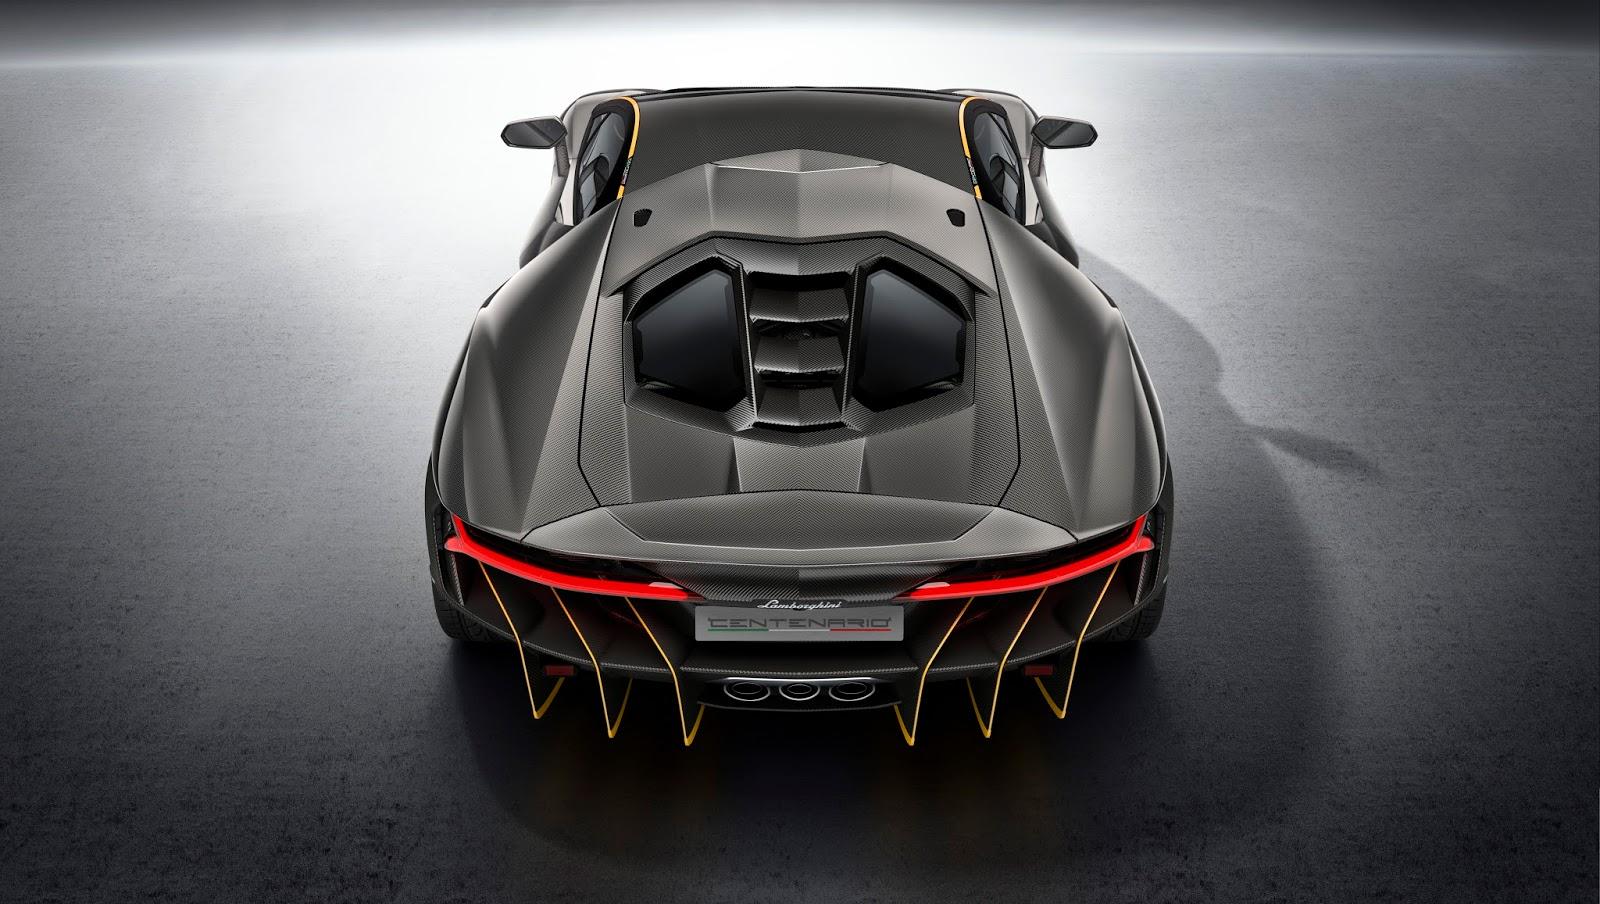 423360 Η Lamborghini Centenario είναι αφιερωμένη στον ιδρυτή της autoshow, Lamborghini, Lamborghini Centenario, supercars, videos, Σαλόνι Αυτοκινήτου της Γενεύης